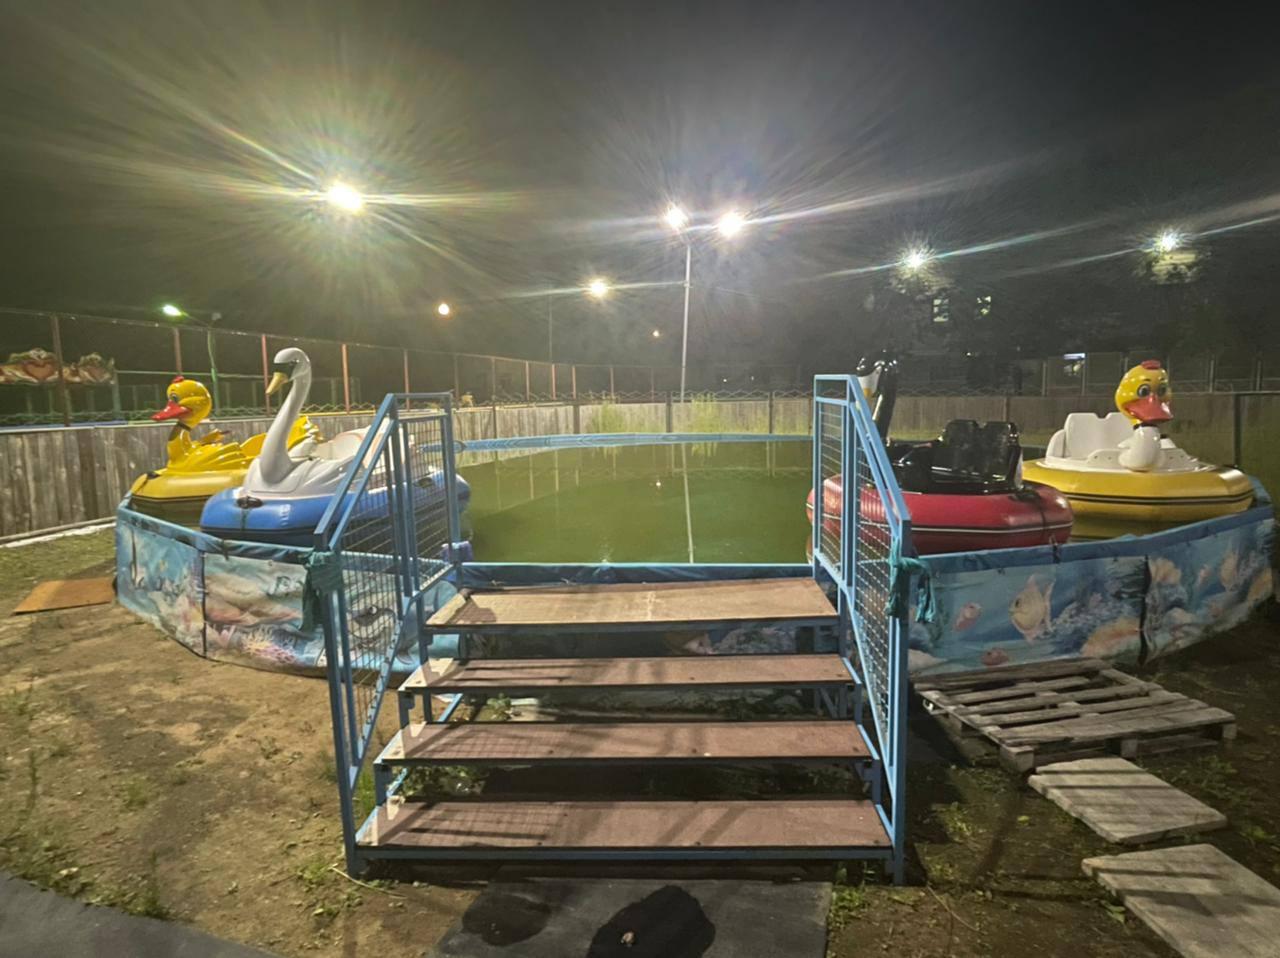 Следком начал проверку из-за упавшего в бассейн в Краснокаменске двухлетнего мальчика